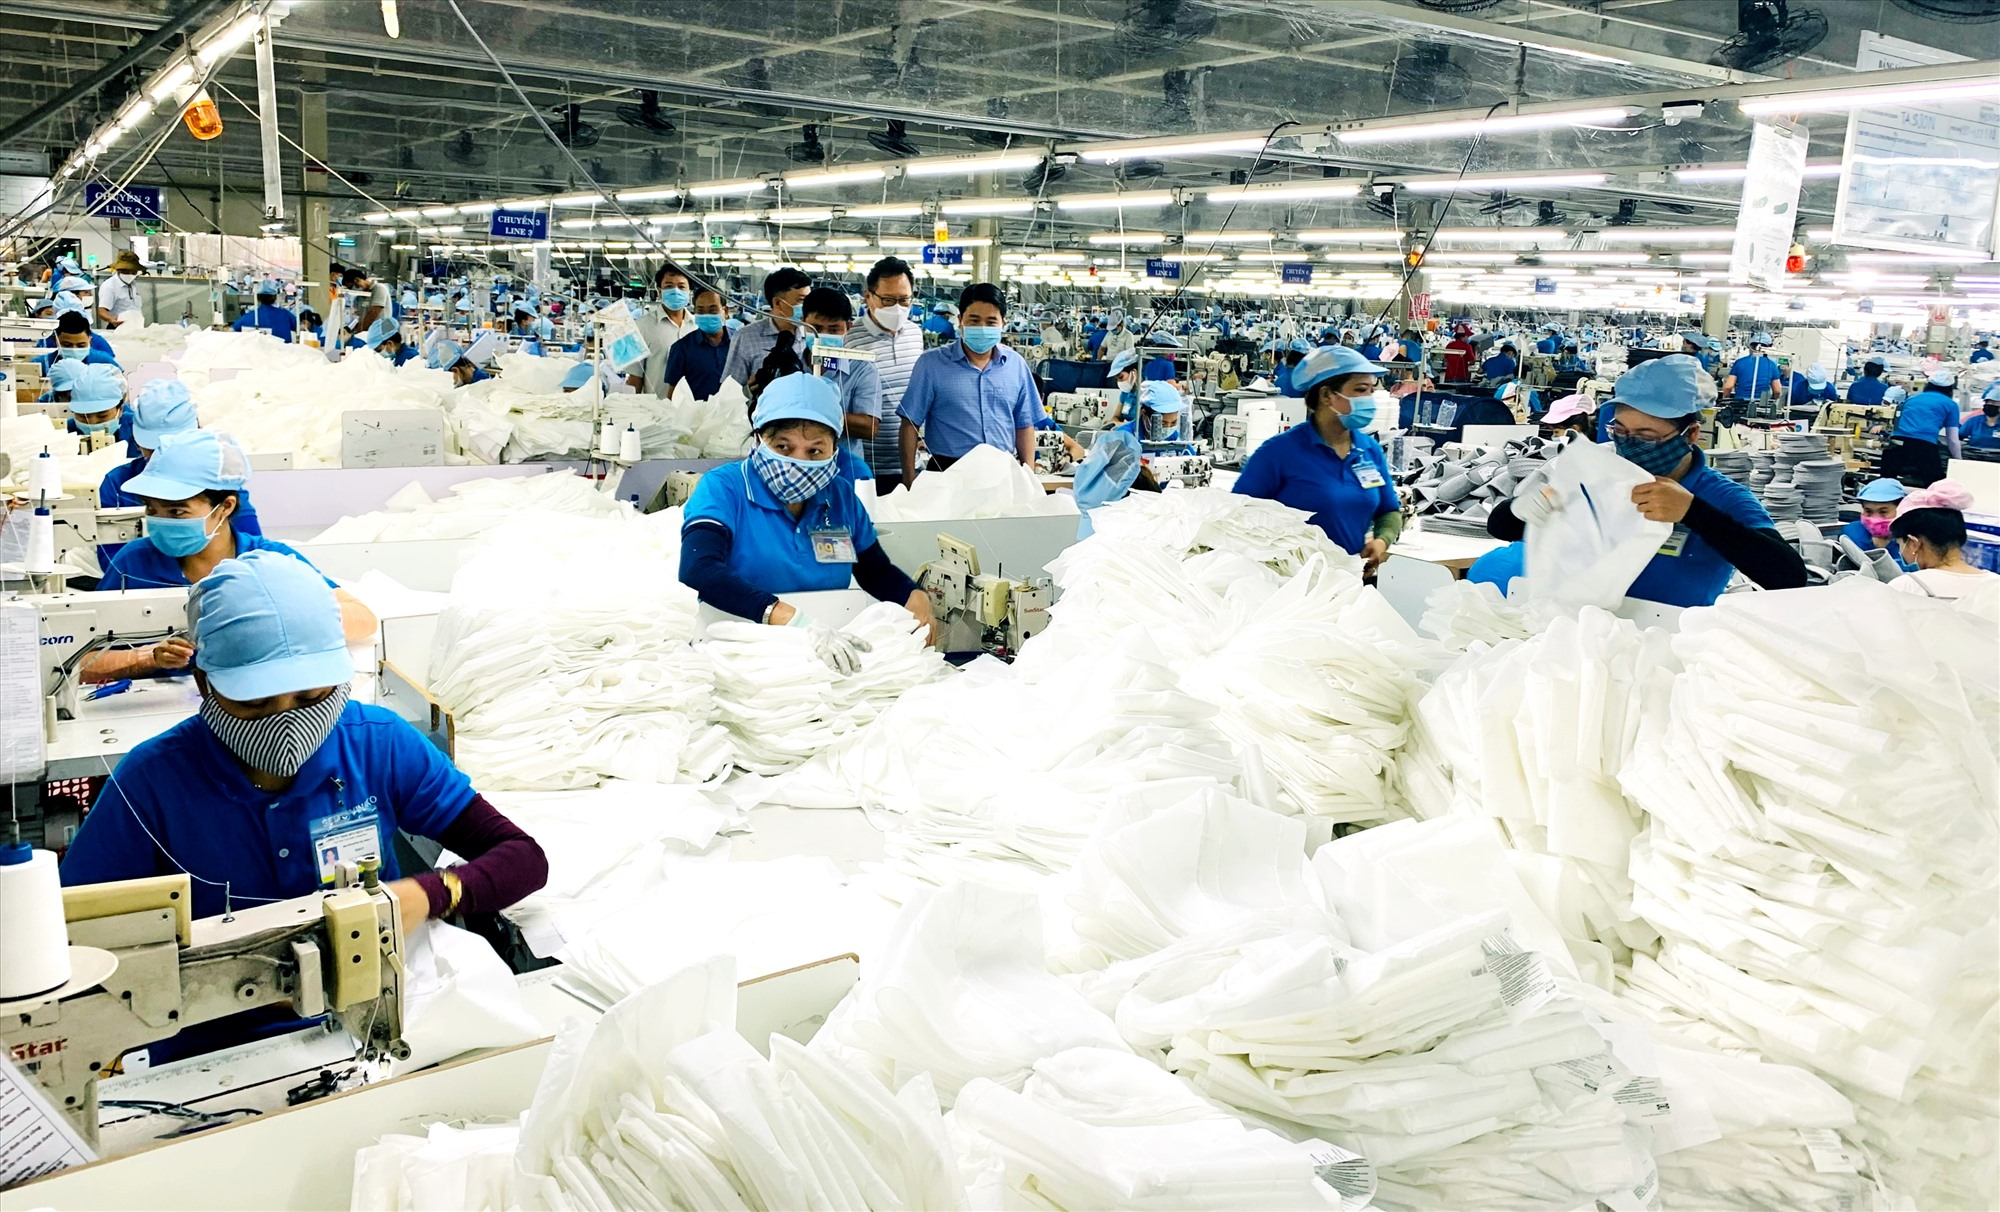 Nhờ thực hiện tốt công tác cải cách hành chính, thời gian qua nhiều doanh nghiệp chọn Duy Xuyên đầu tư xây dựng cơ sở sản xuất - kinh doanh. Ảnh: T.L